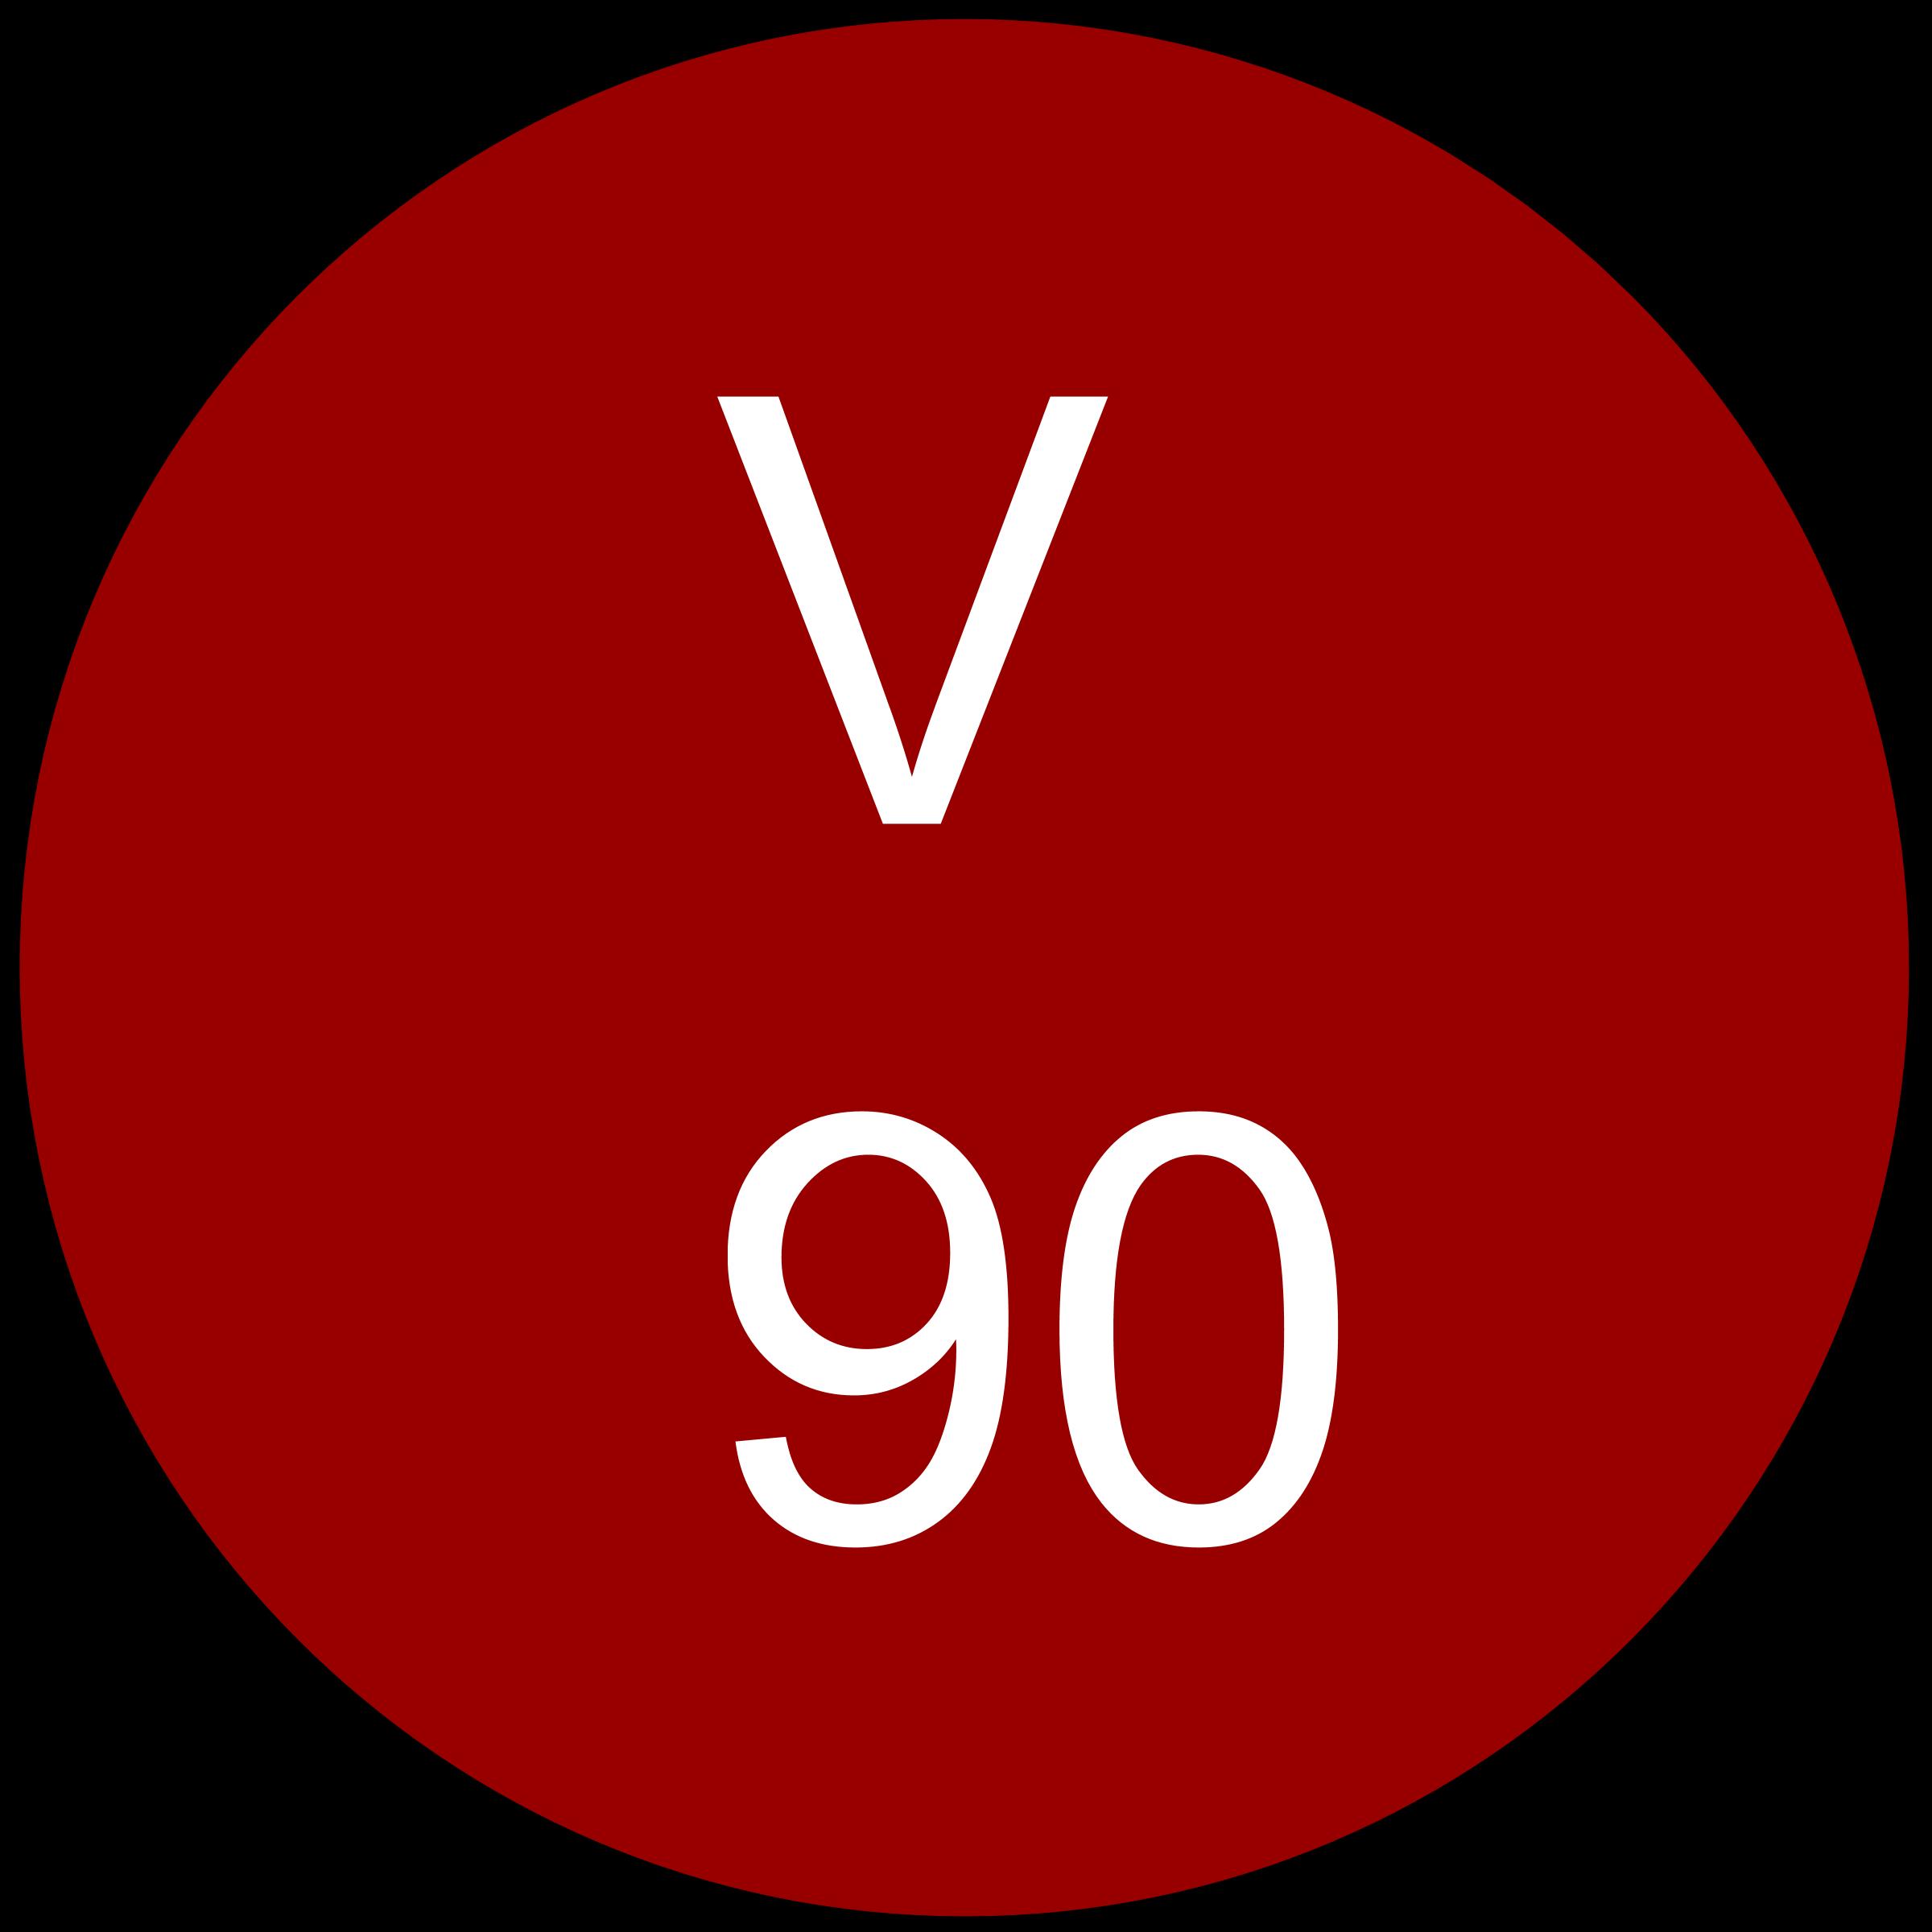 vinous-90-ratings